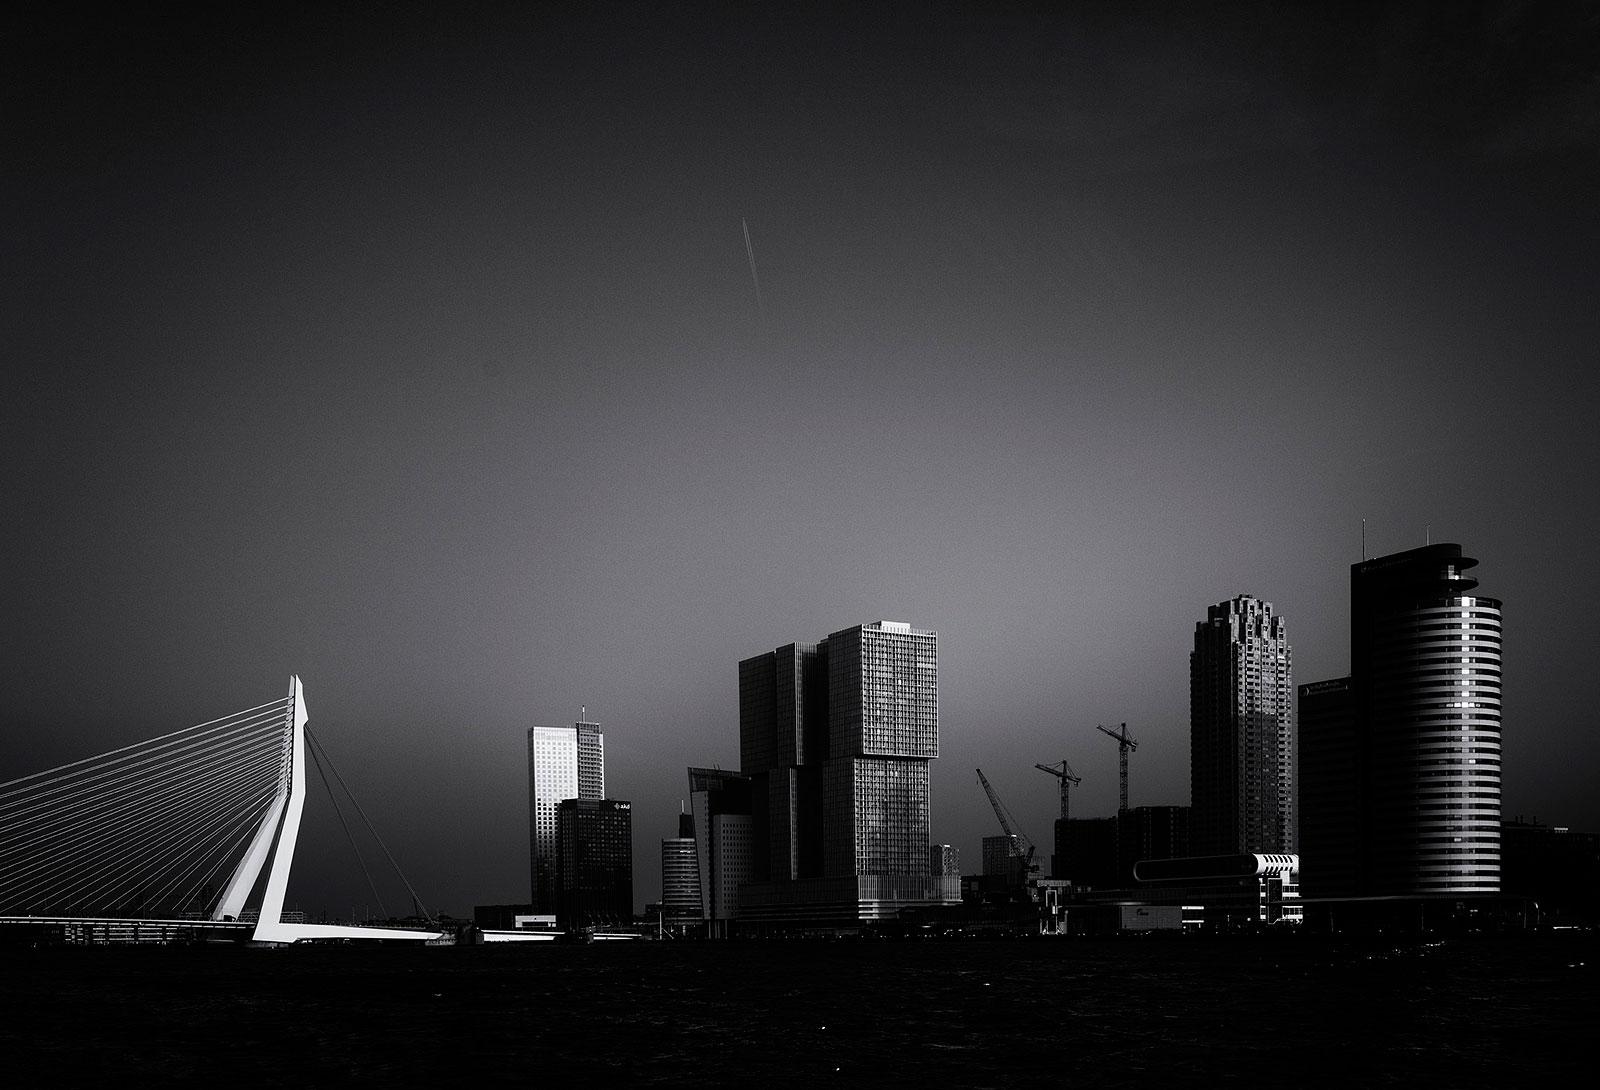 Skyline van Rotterdam, de snel ontwikkelende stad van Nederland.